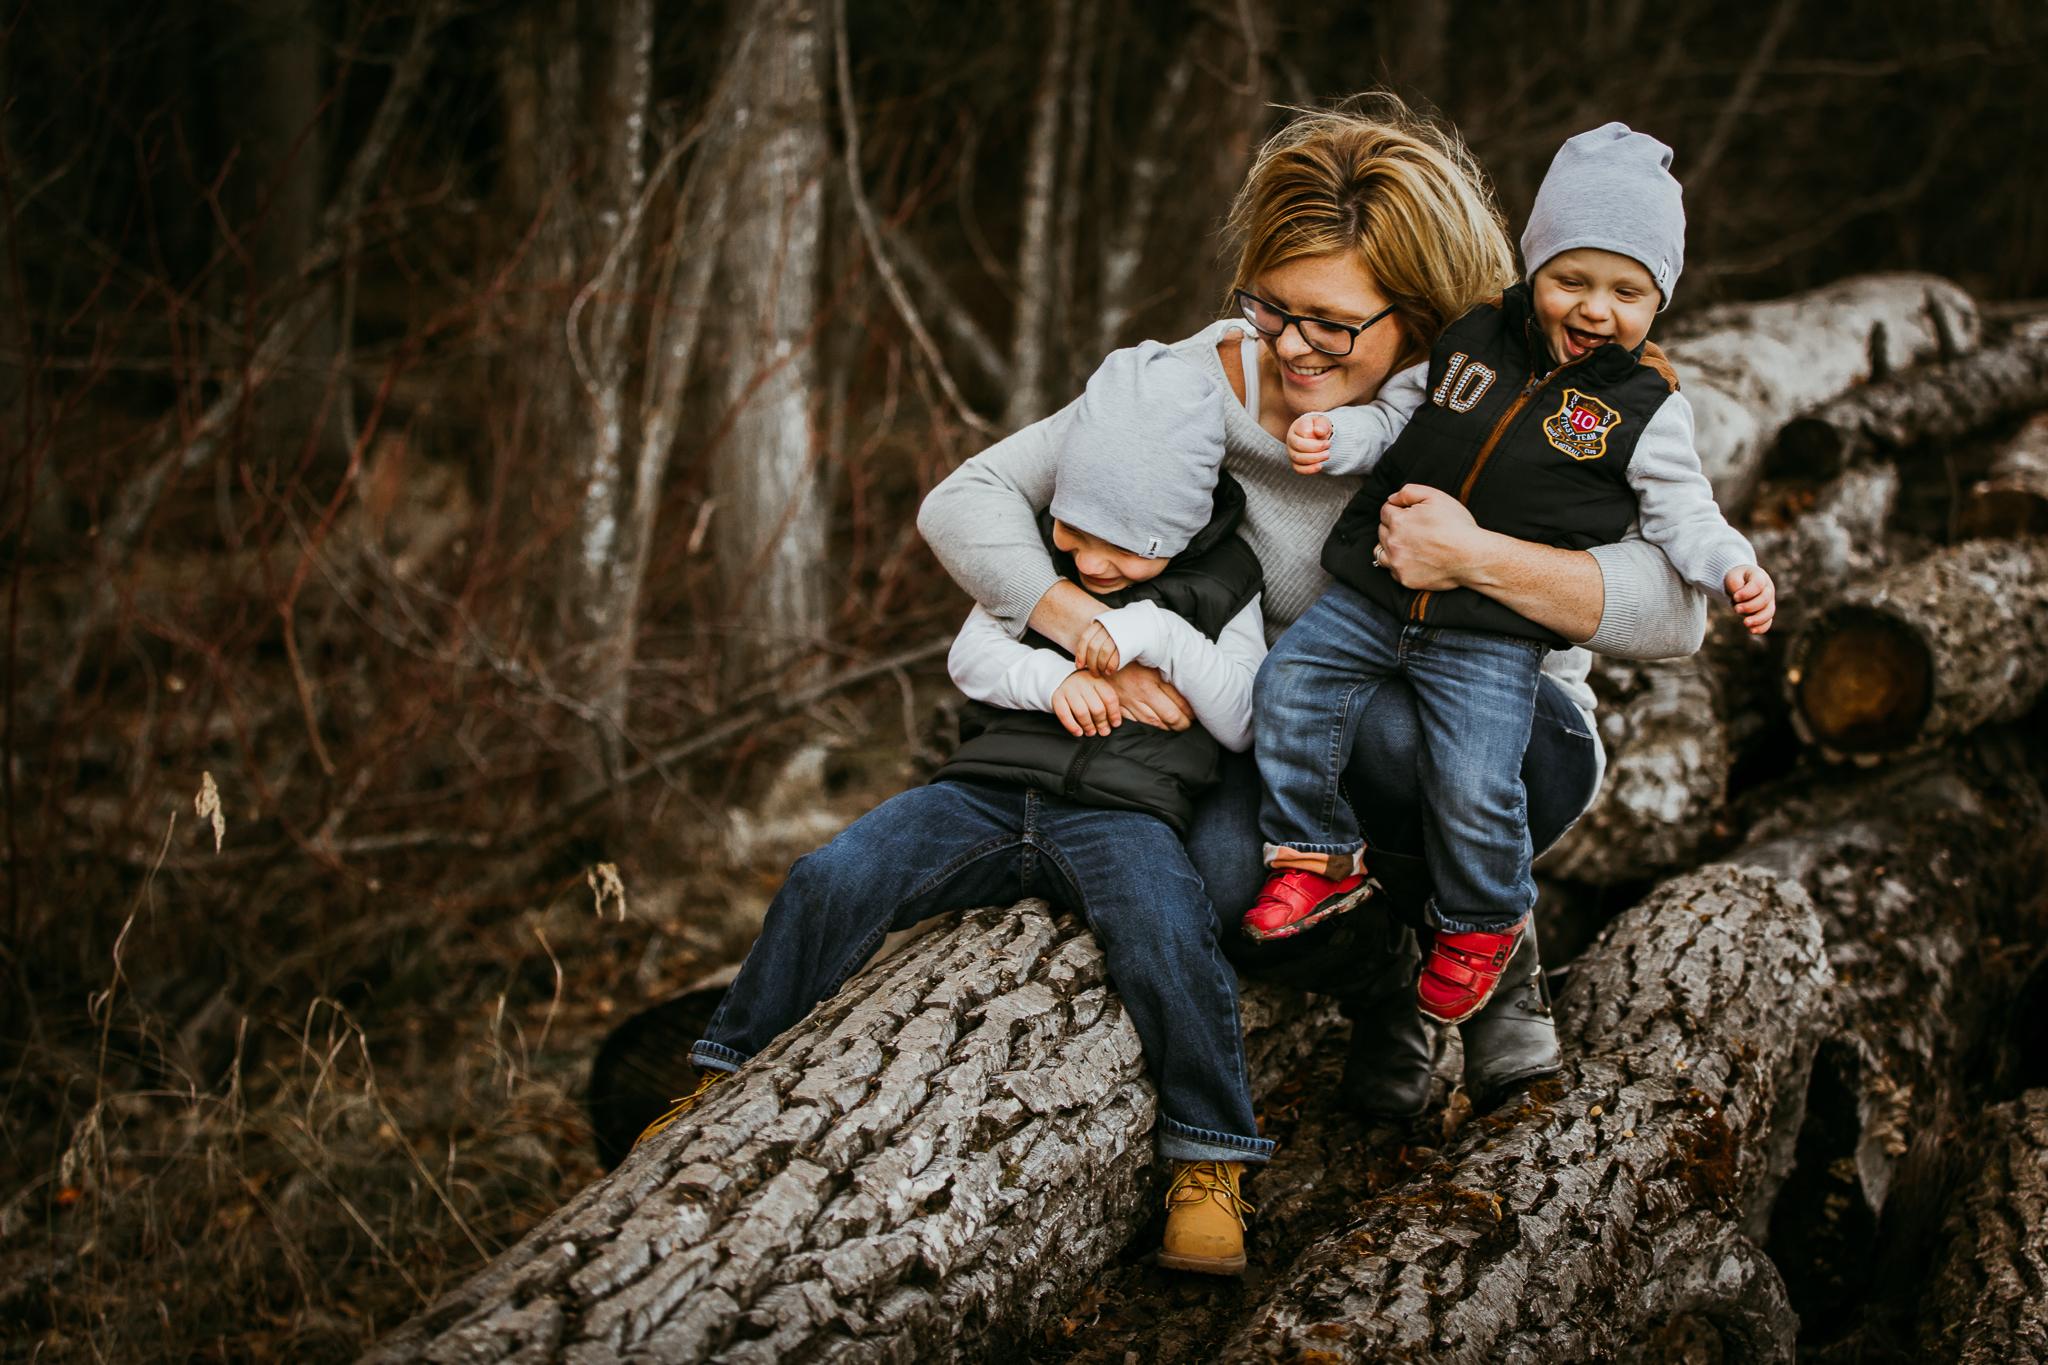 Alina-Joy-Photography-Cold-Lake-Lifestyle-Photographer-2-21.jpg